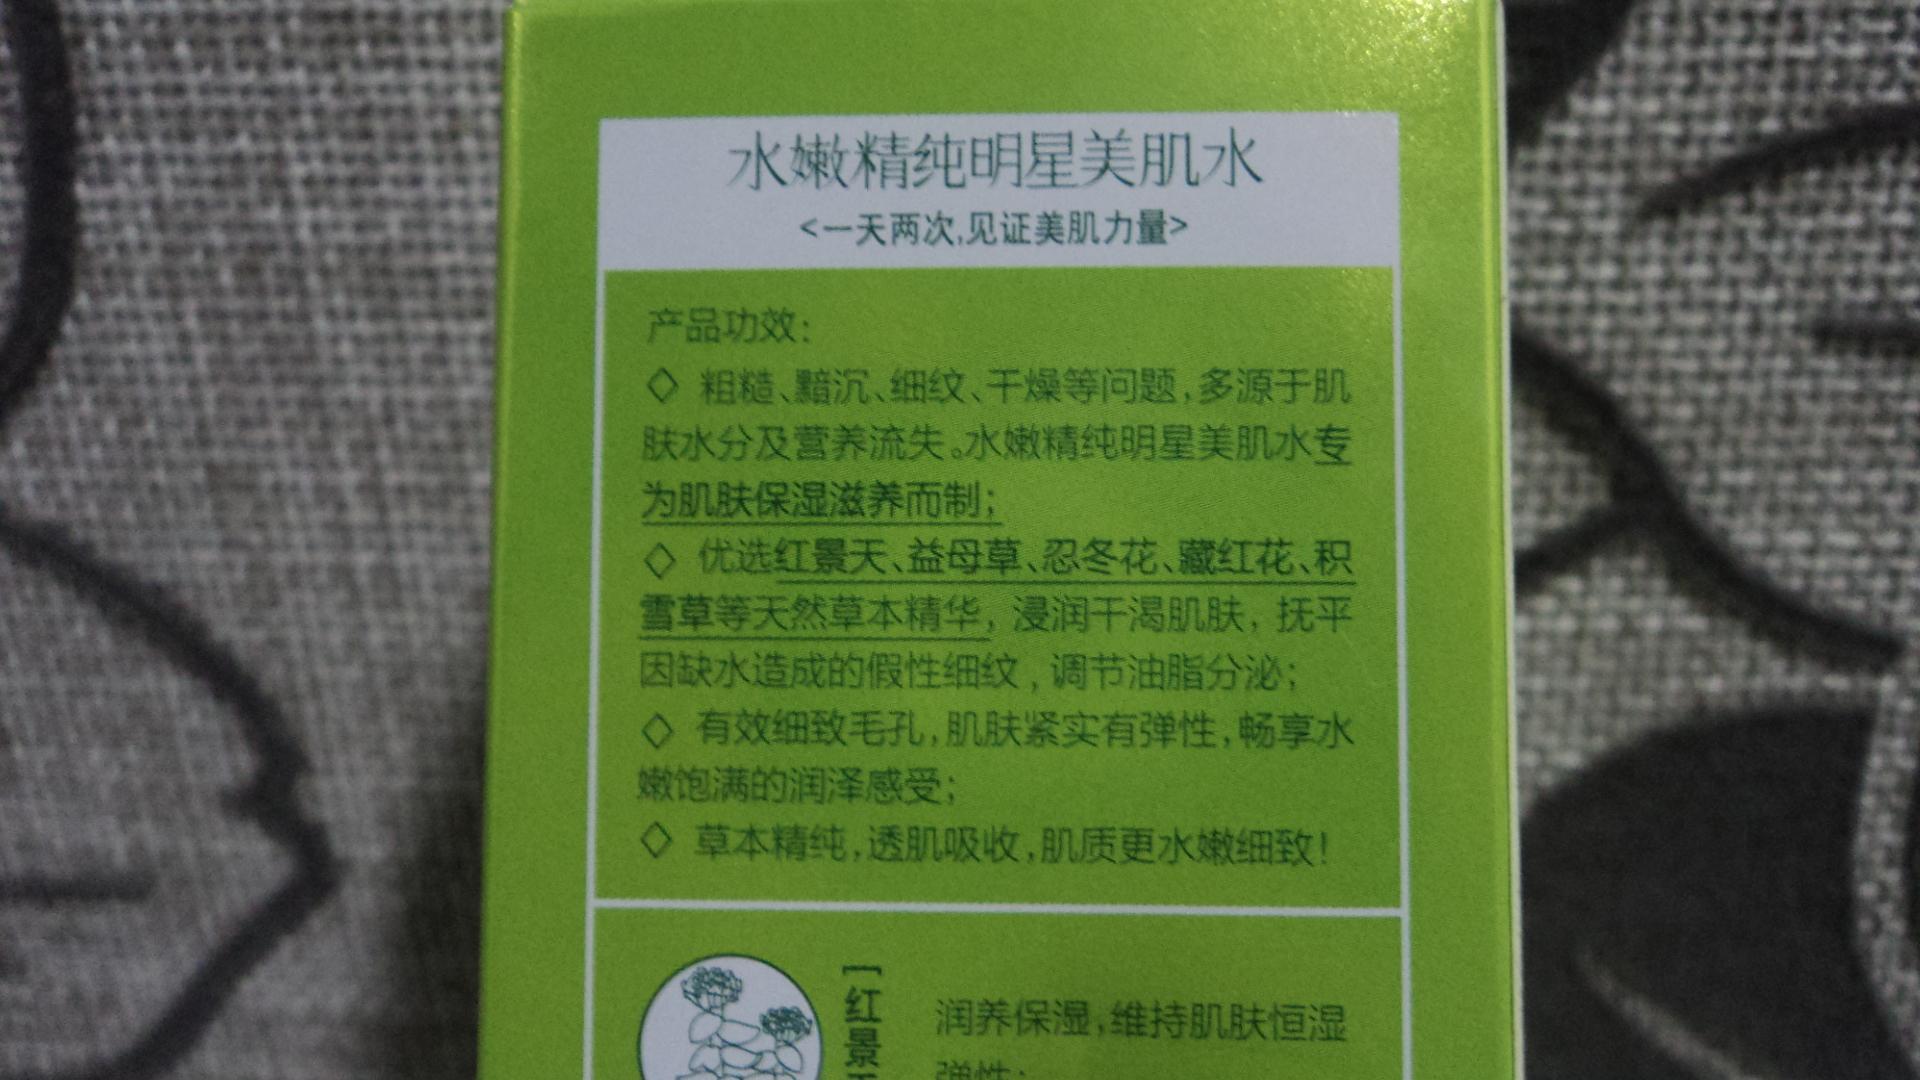 功效_包装盒背面是产品功效,专为肌肤保湿滋养而制.